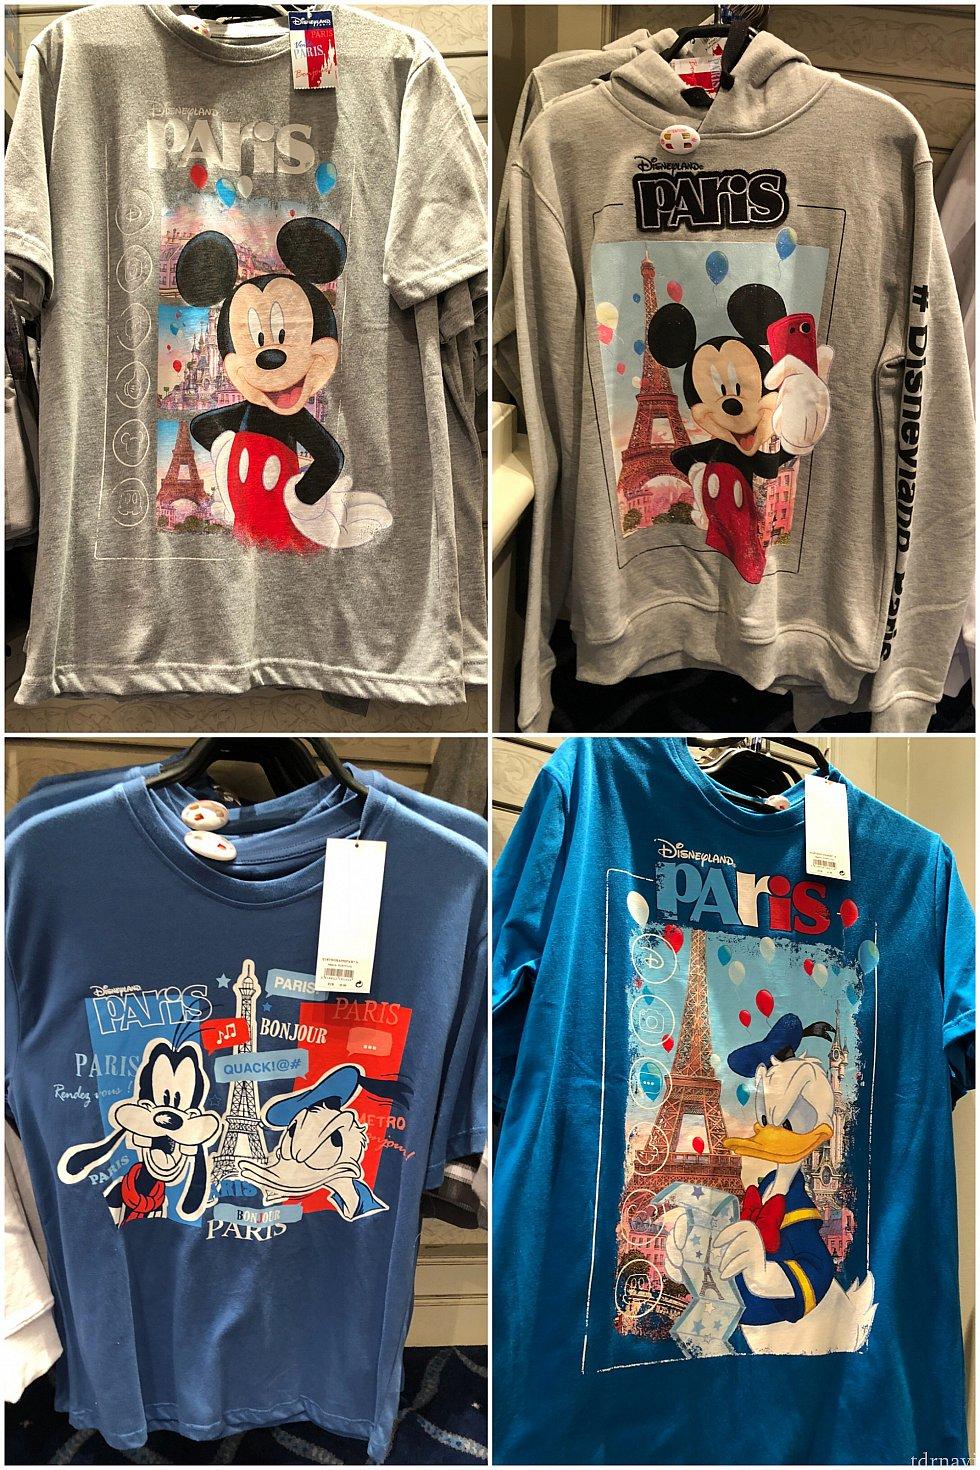 Tシャツ20〜25€。右上のパーカーは44.99€!